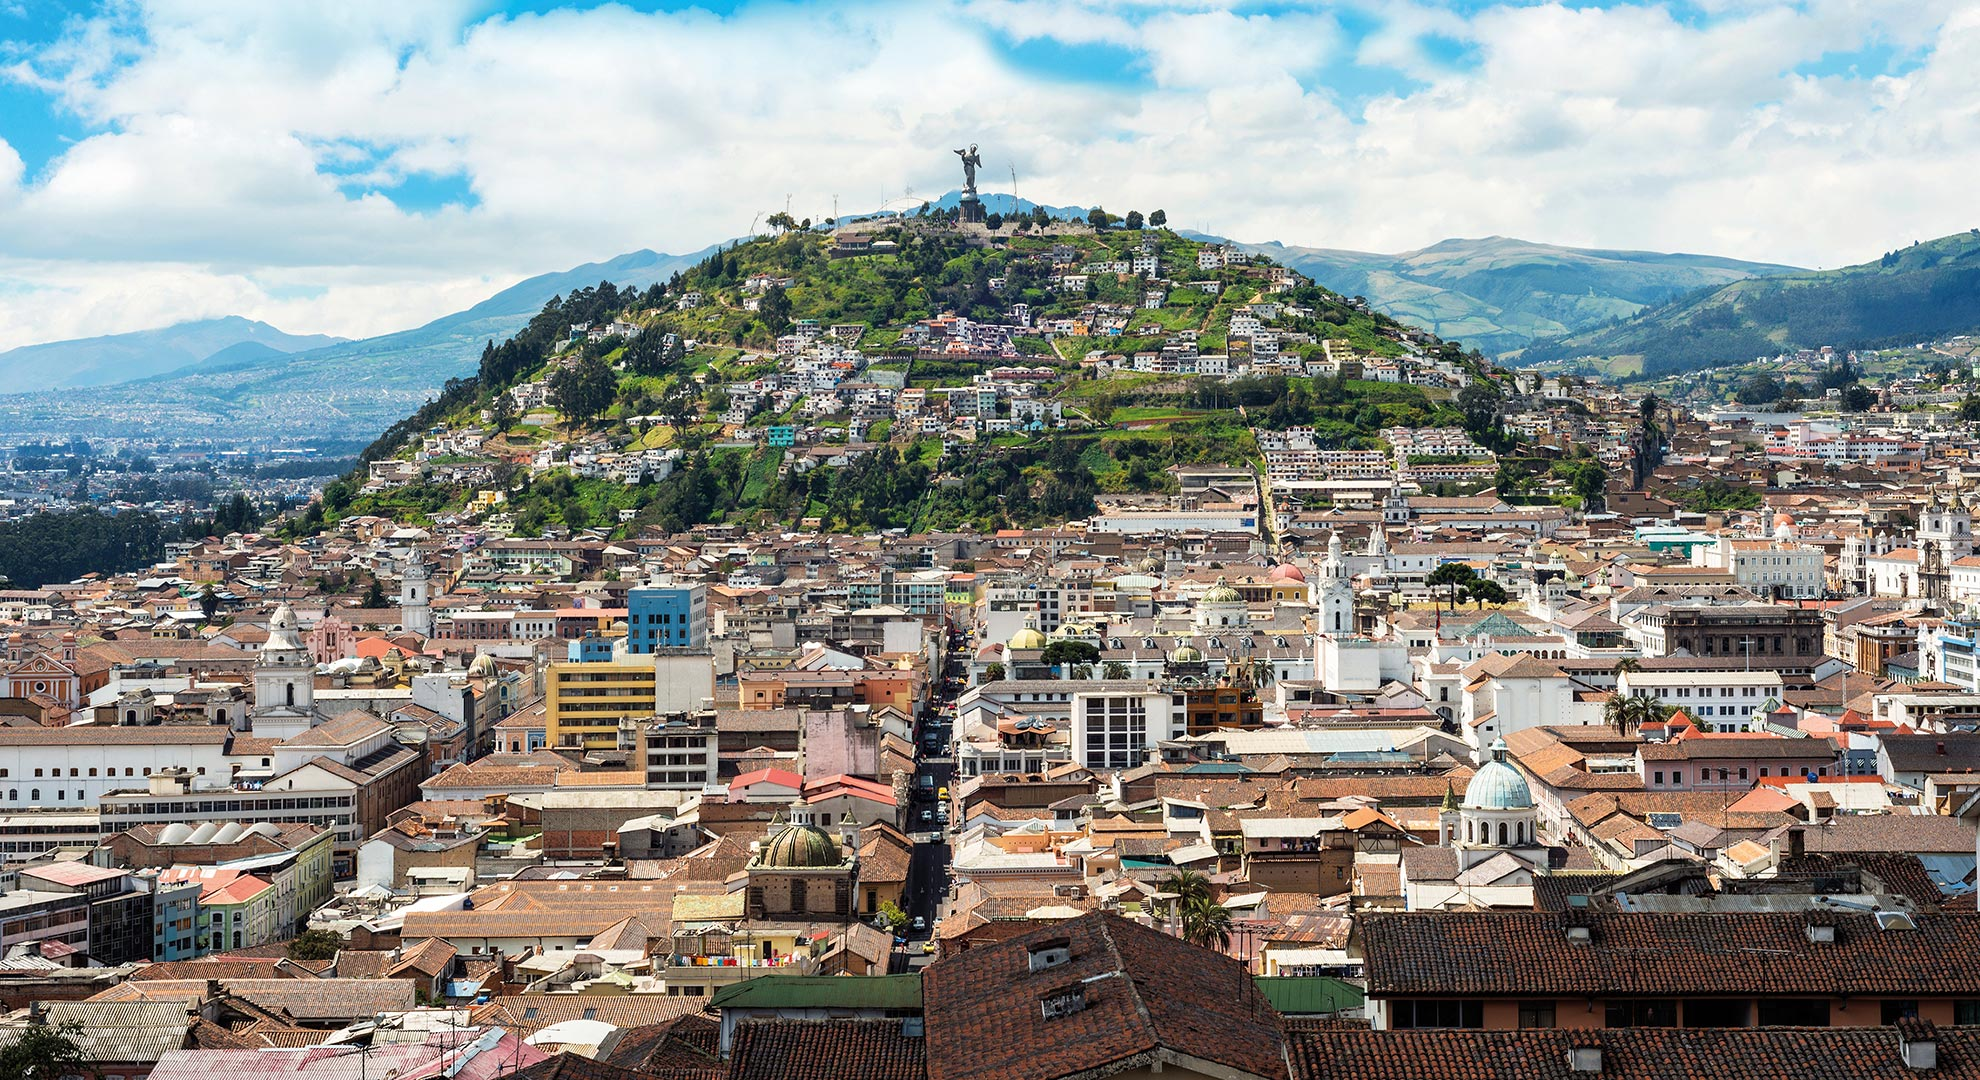 Unterkunft-Spanisch-Quito-Kolumbus-Sprachreisen